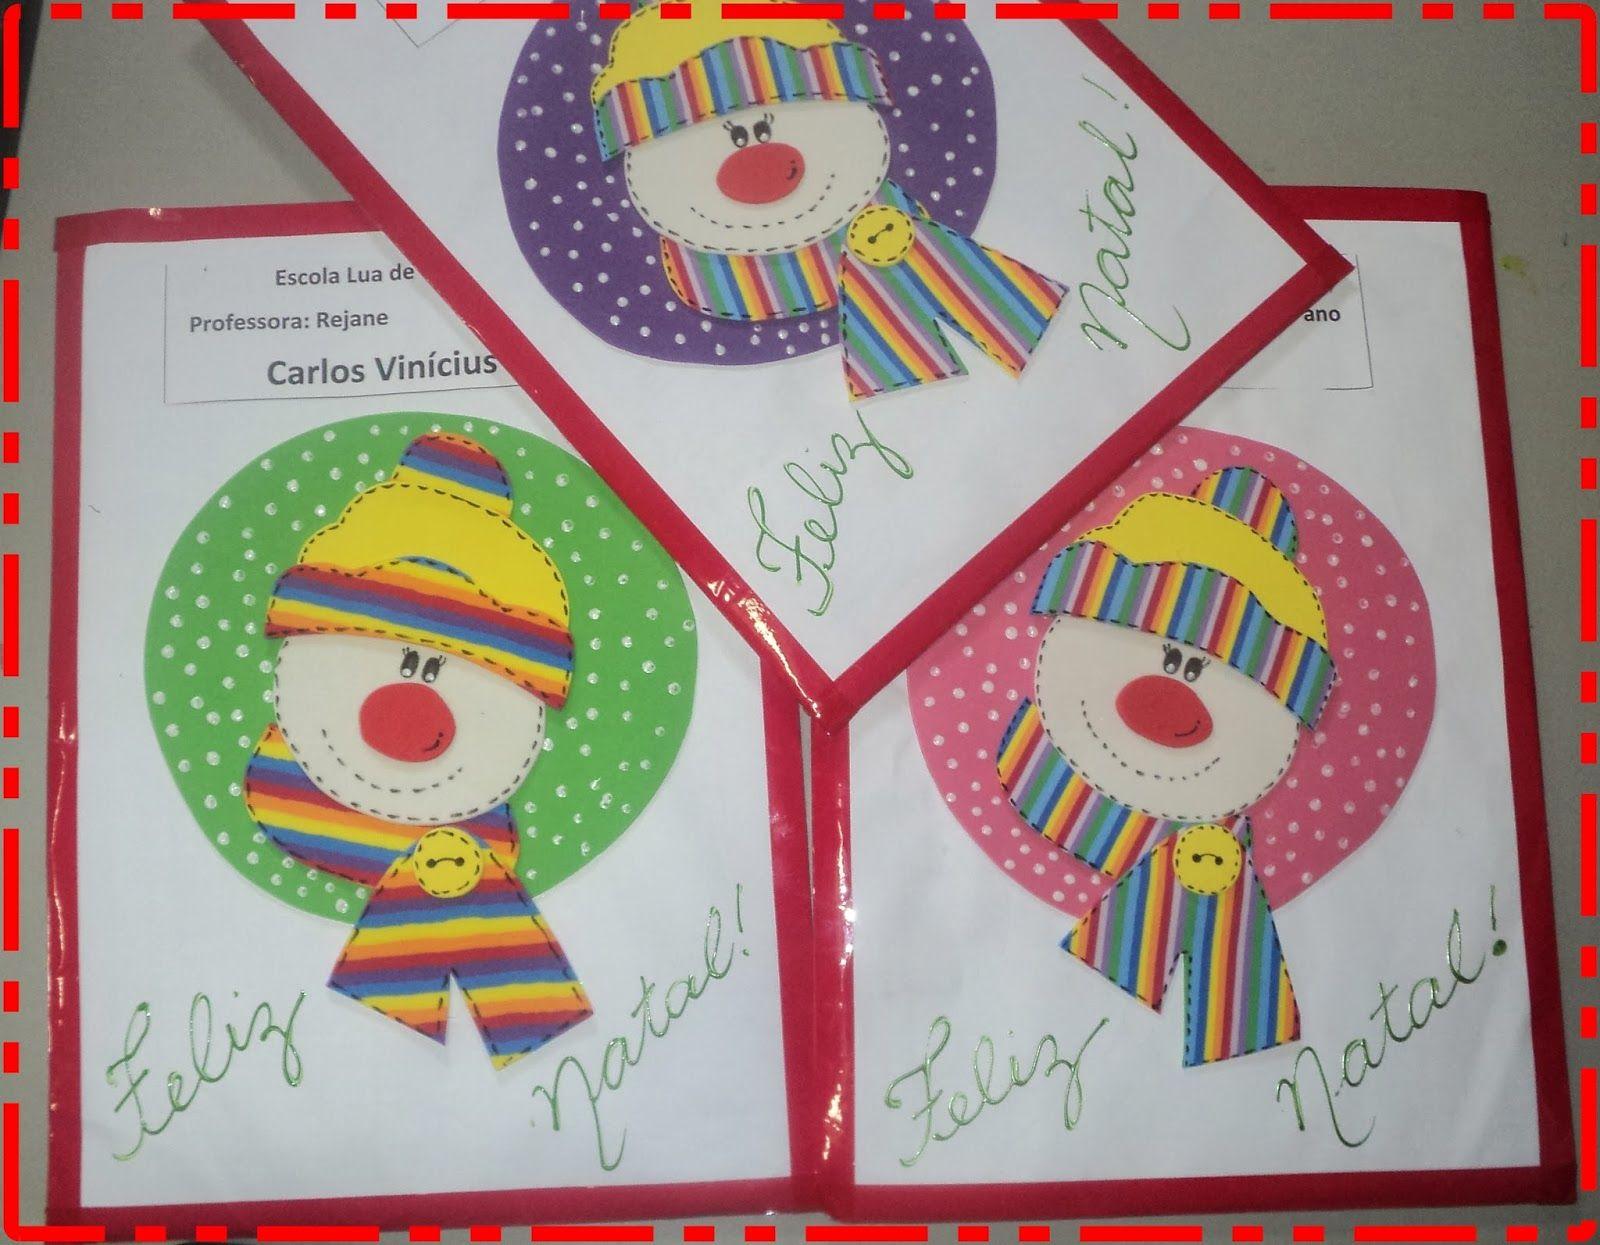 Atividades Cia Capas De Envelopes De Natal Educação Infantil Atividades Lúdicas Envelopes Atividades De Pintura